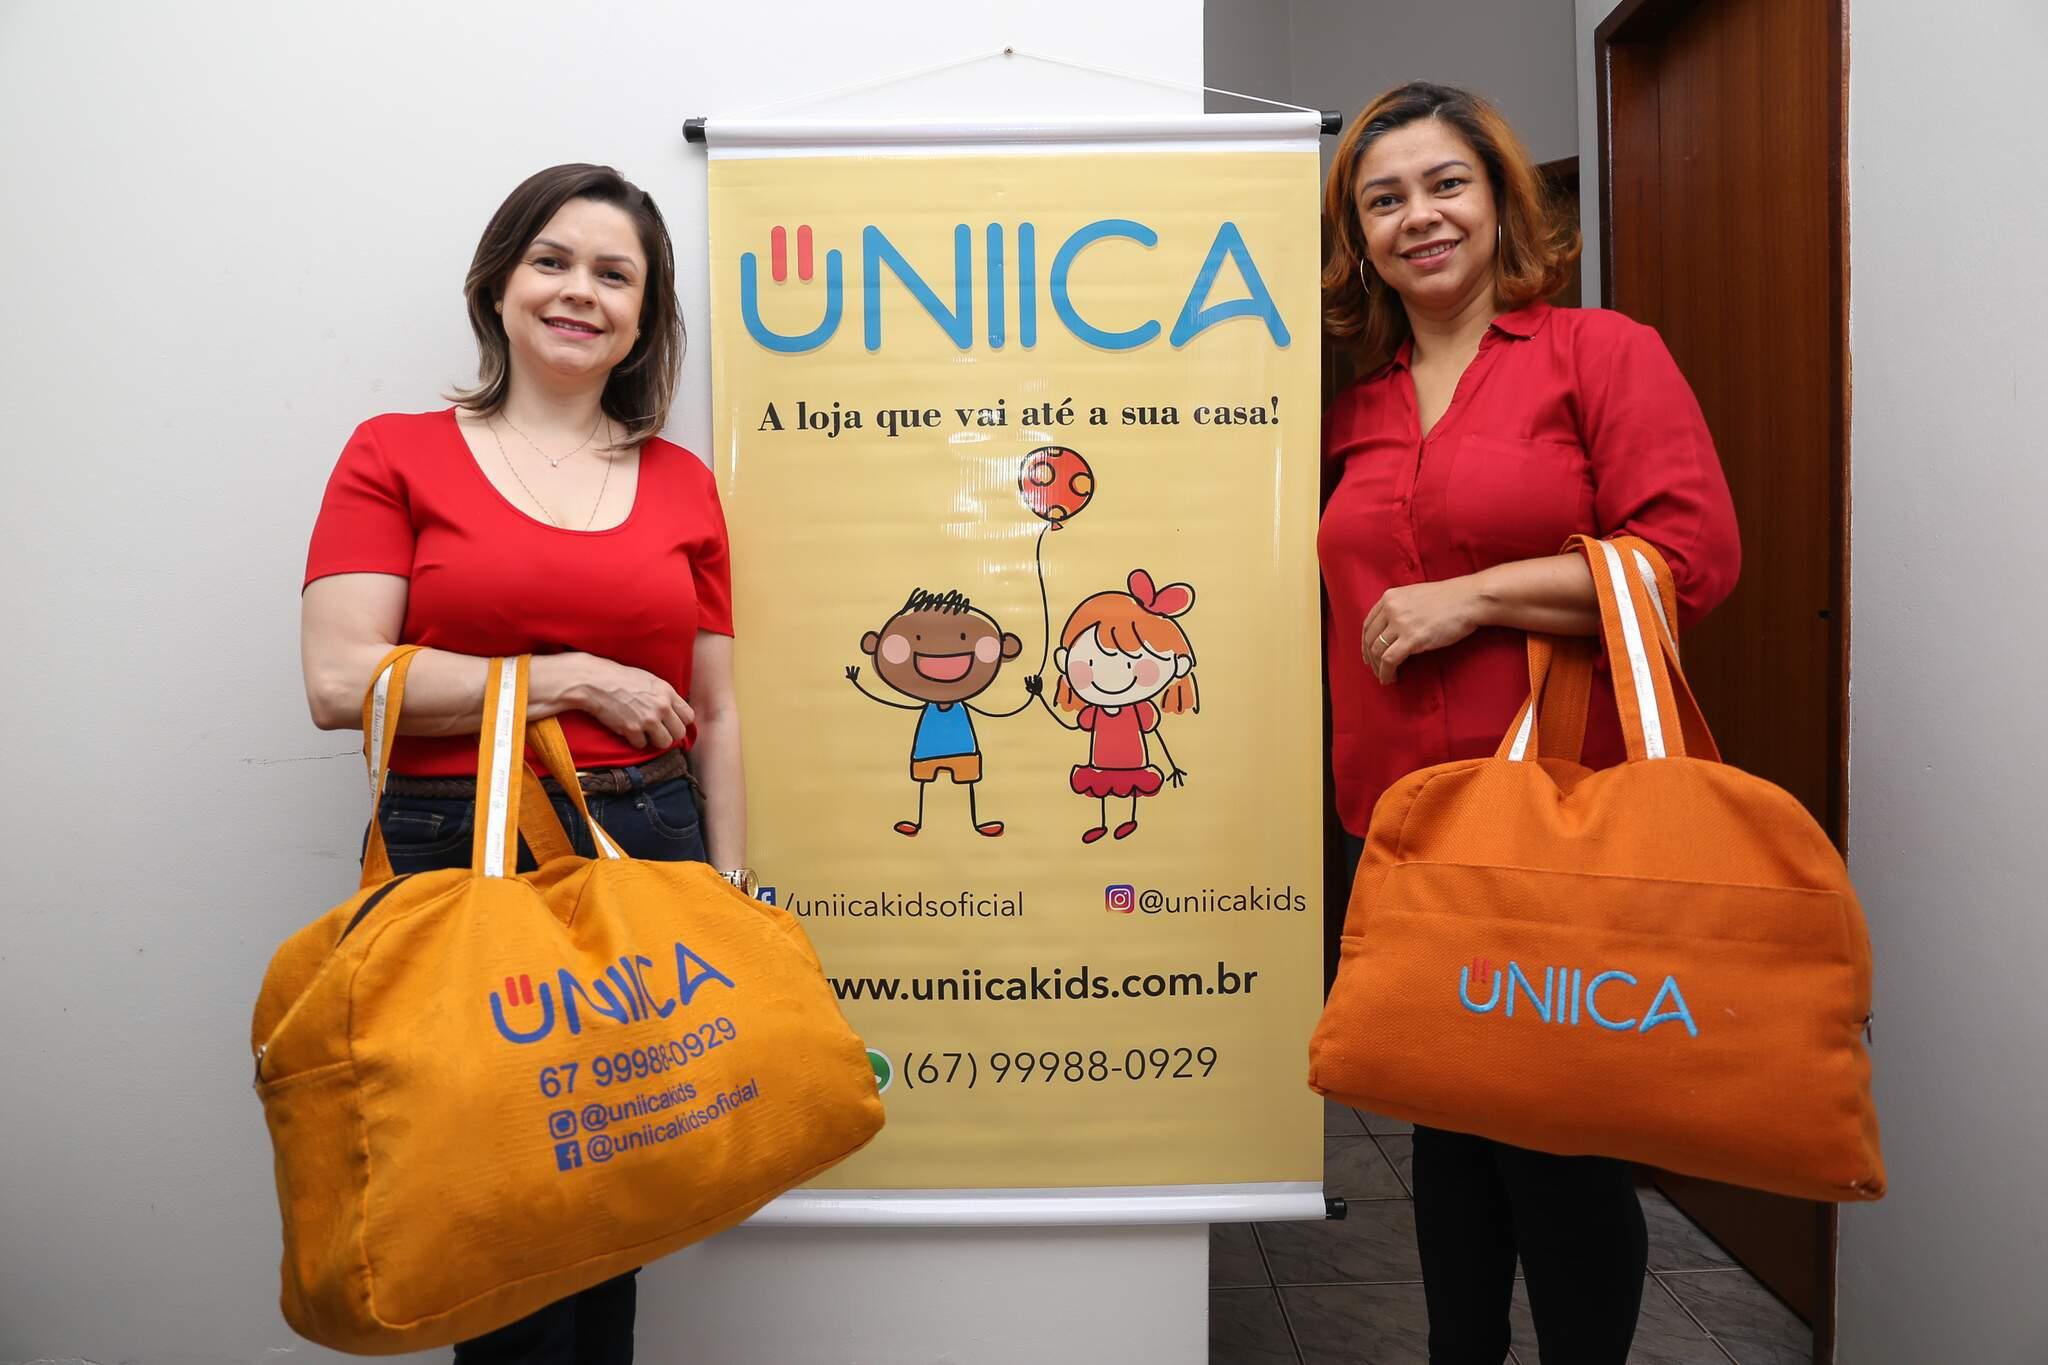 De clientes, Walkyria e Weruska se tornaram proprietárias da Úniica Kids. (Foto: Paulo Francis)